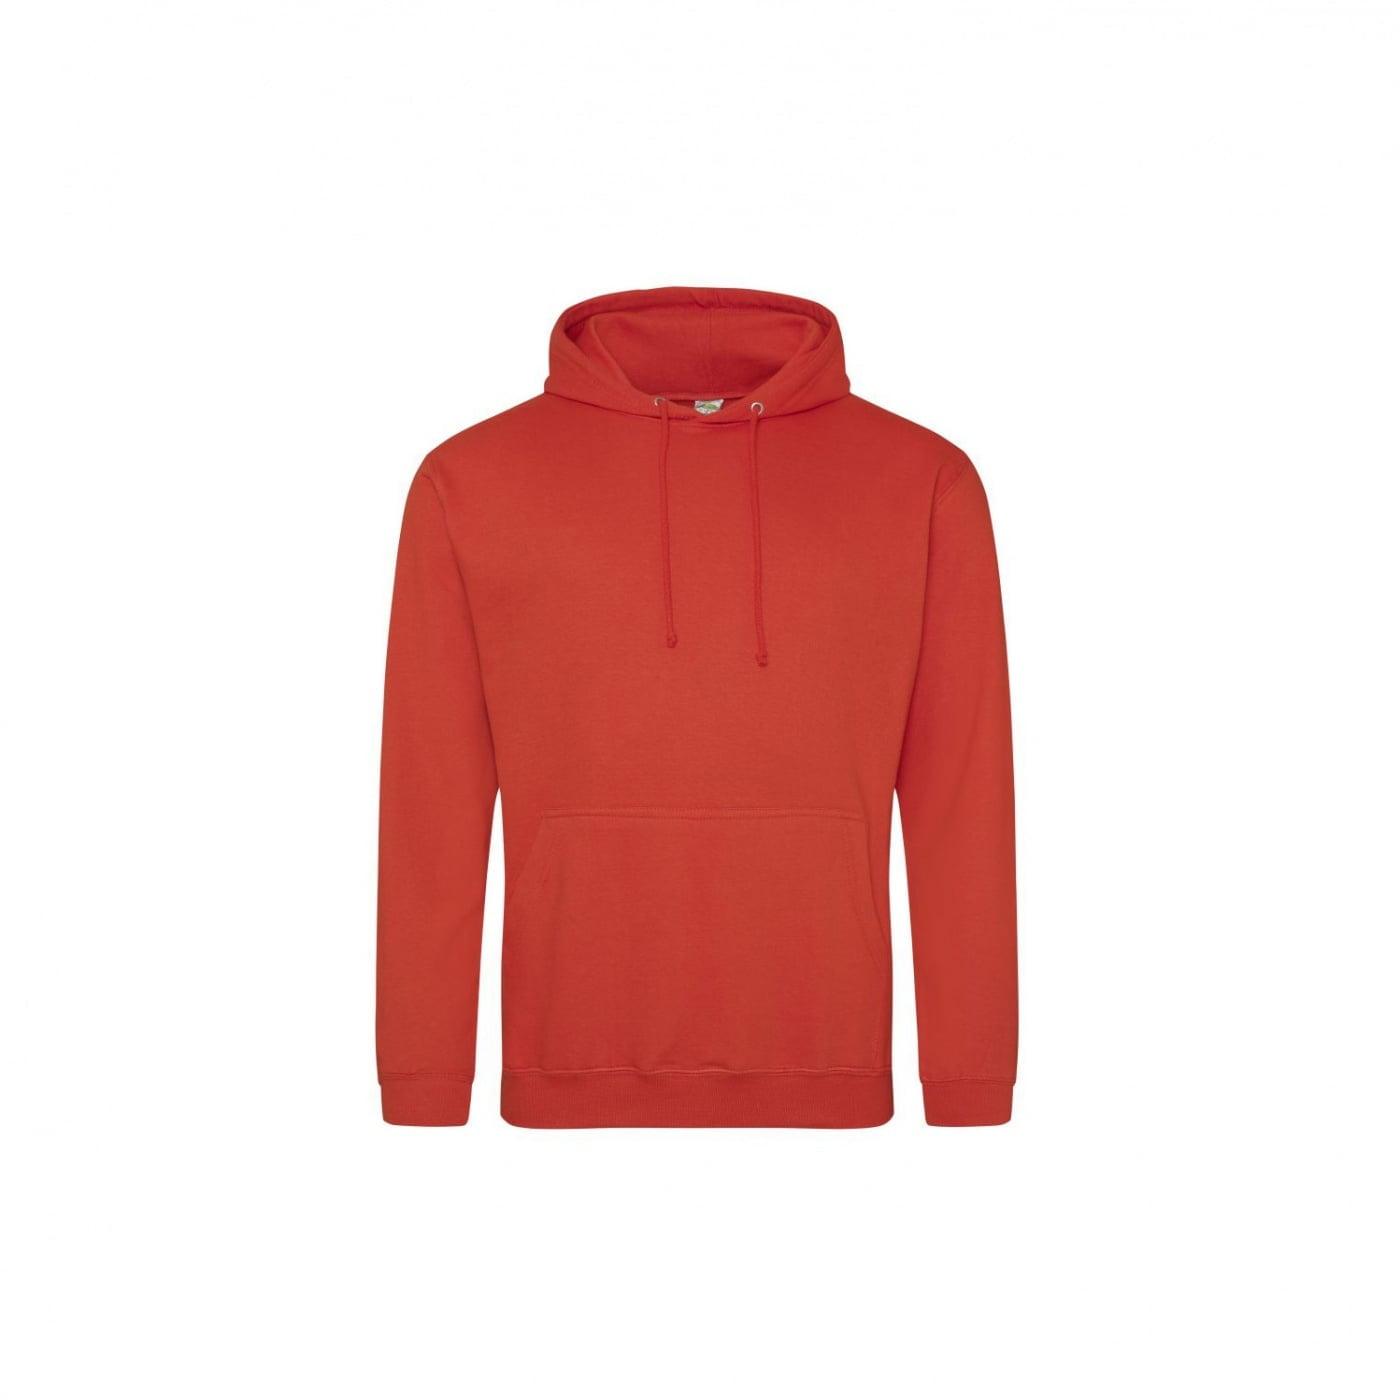 Bluzy - Bluza z kapturem College - Just Hoods JH001 - Sunset Orange - RAVEN - koszulki reklamowe z nadrukiem, odzież reklamowa i gastronomiczna